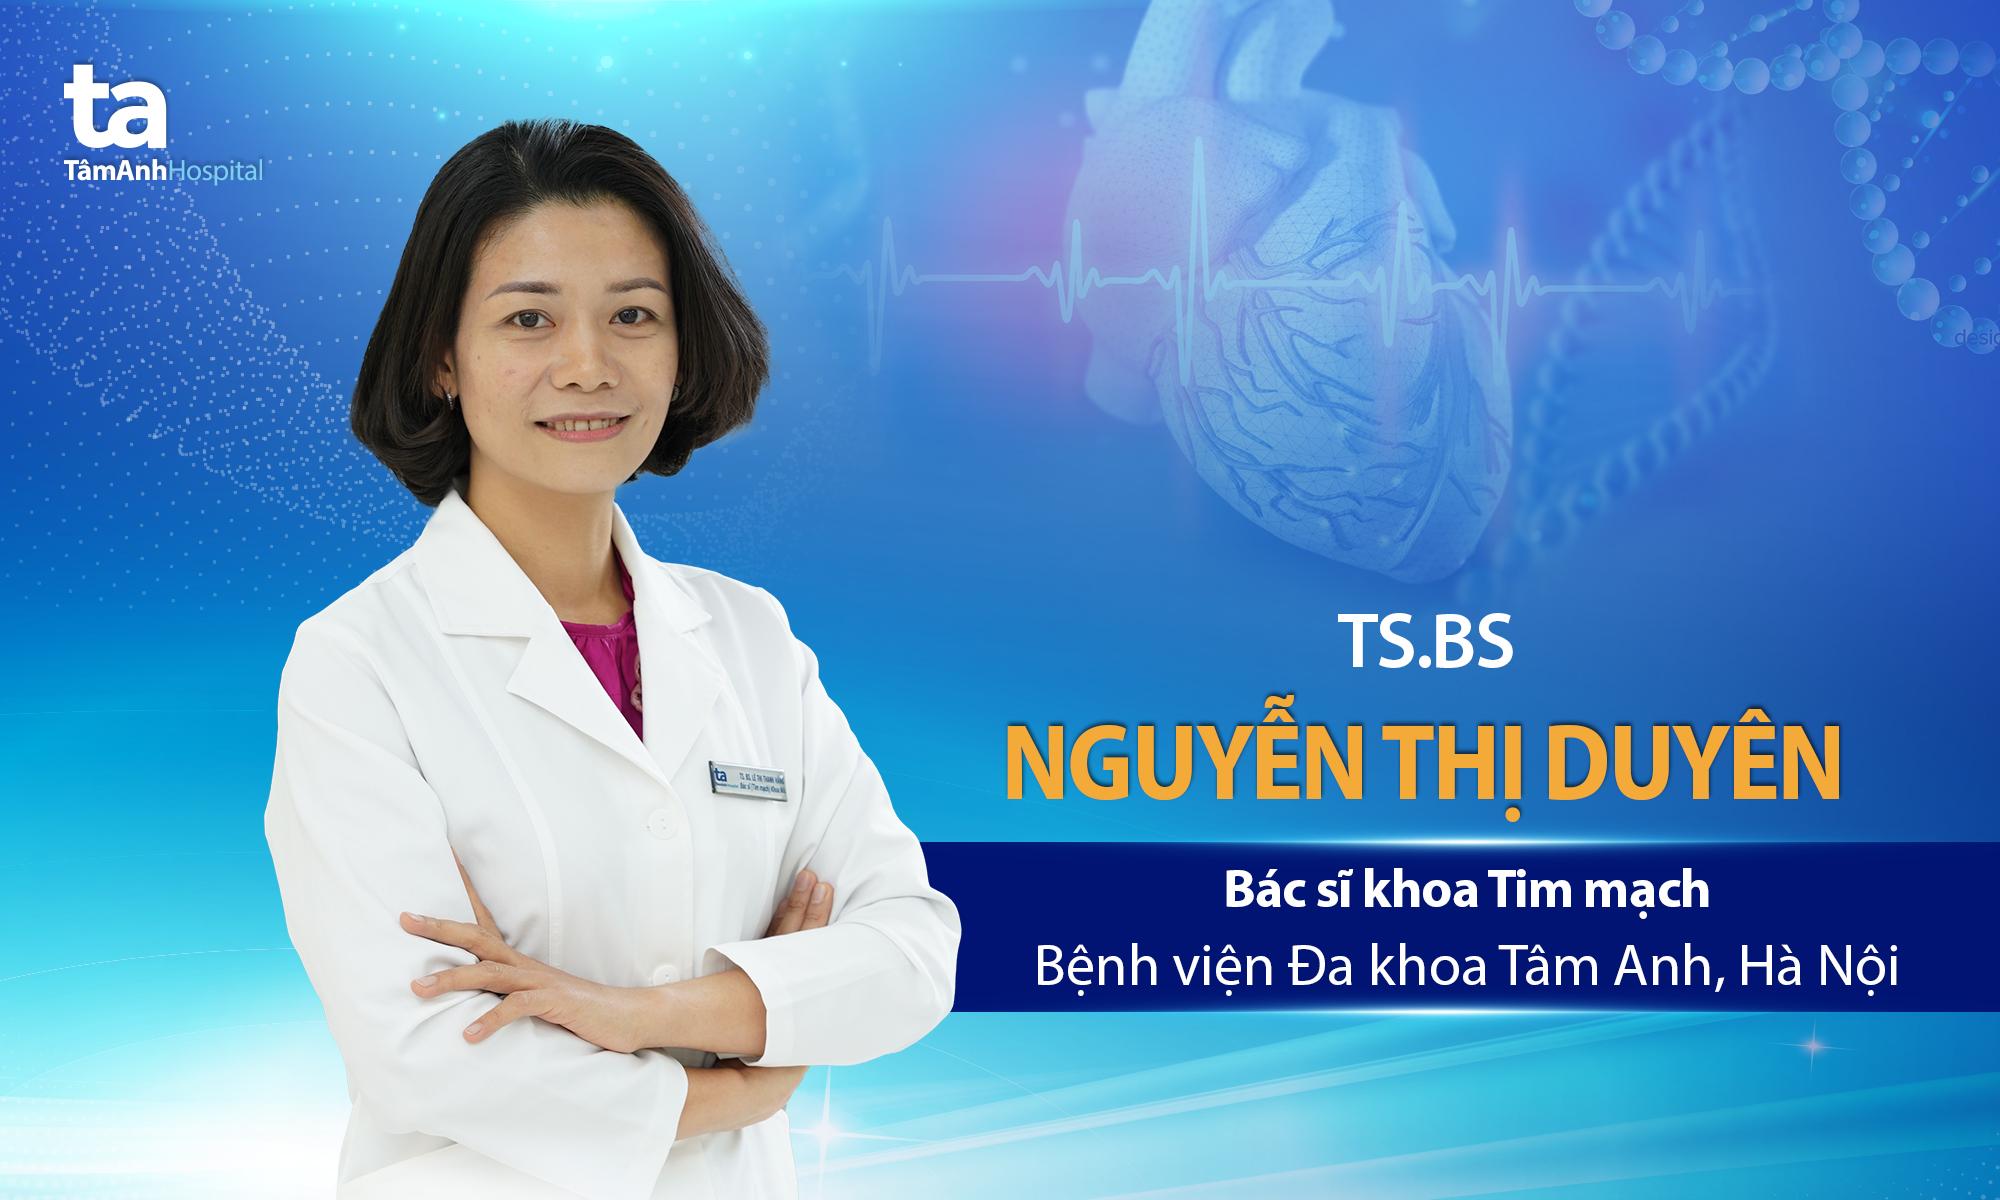 TS.BS Nguyễn Thị Duyên